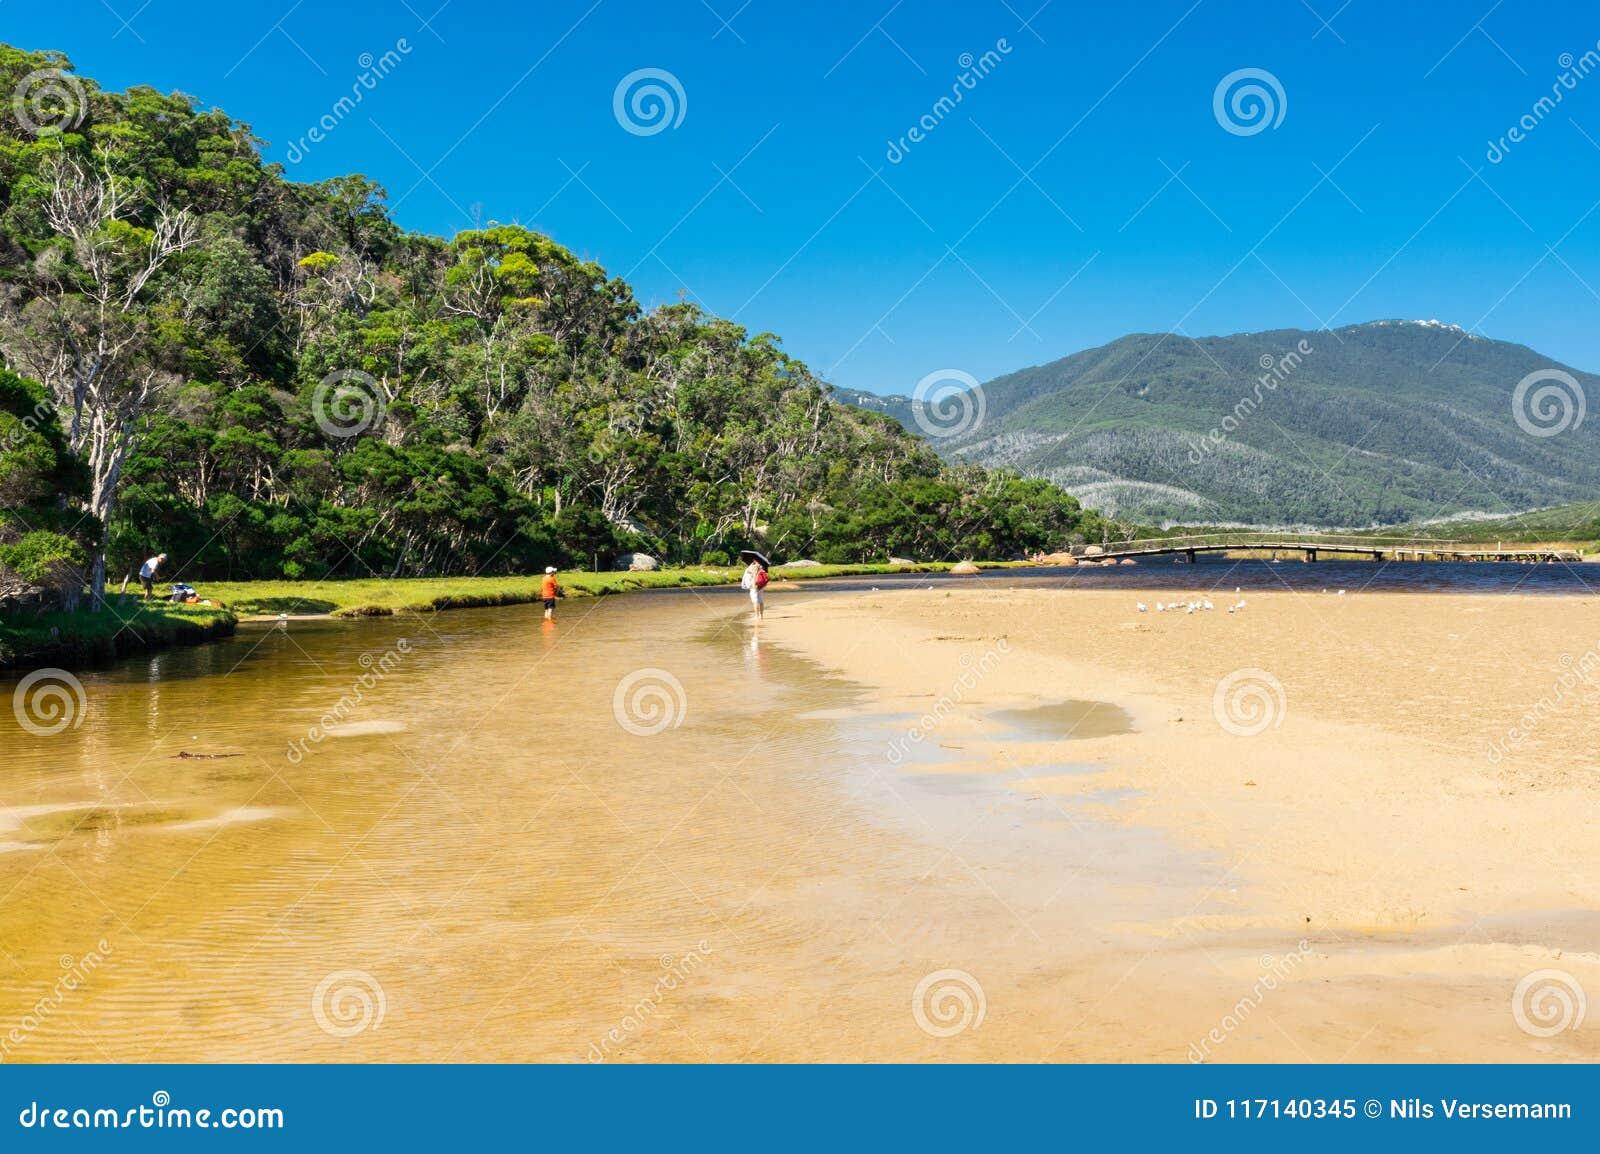 Tidal River no seção sul do parque nacional do promontório de Wilsons em Gippsland, Austrália